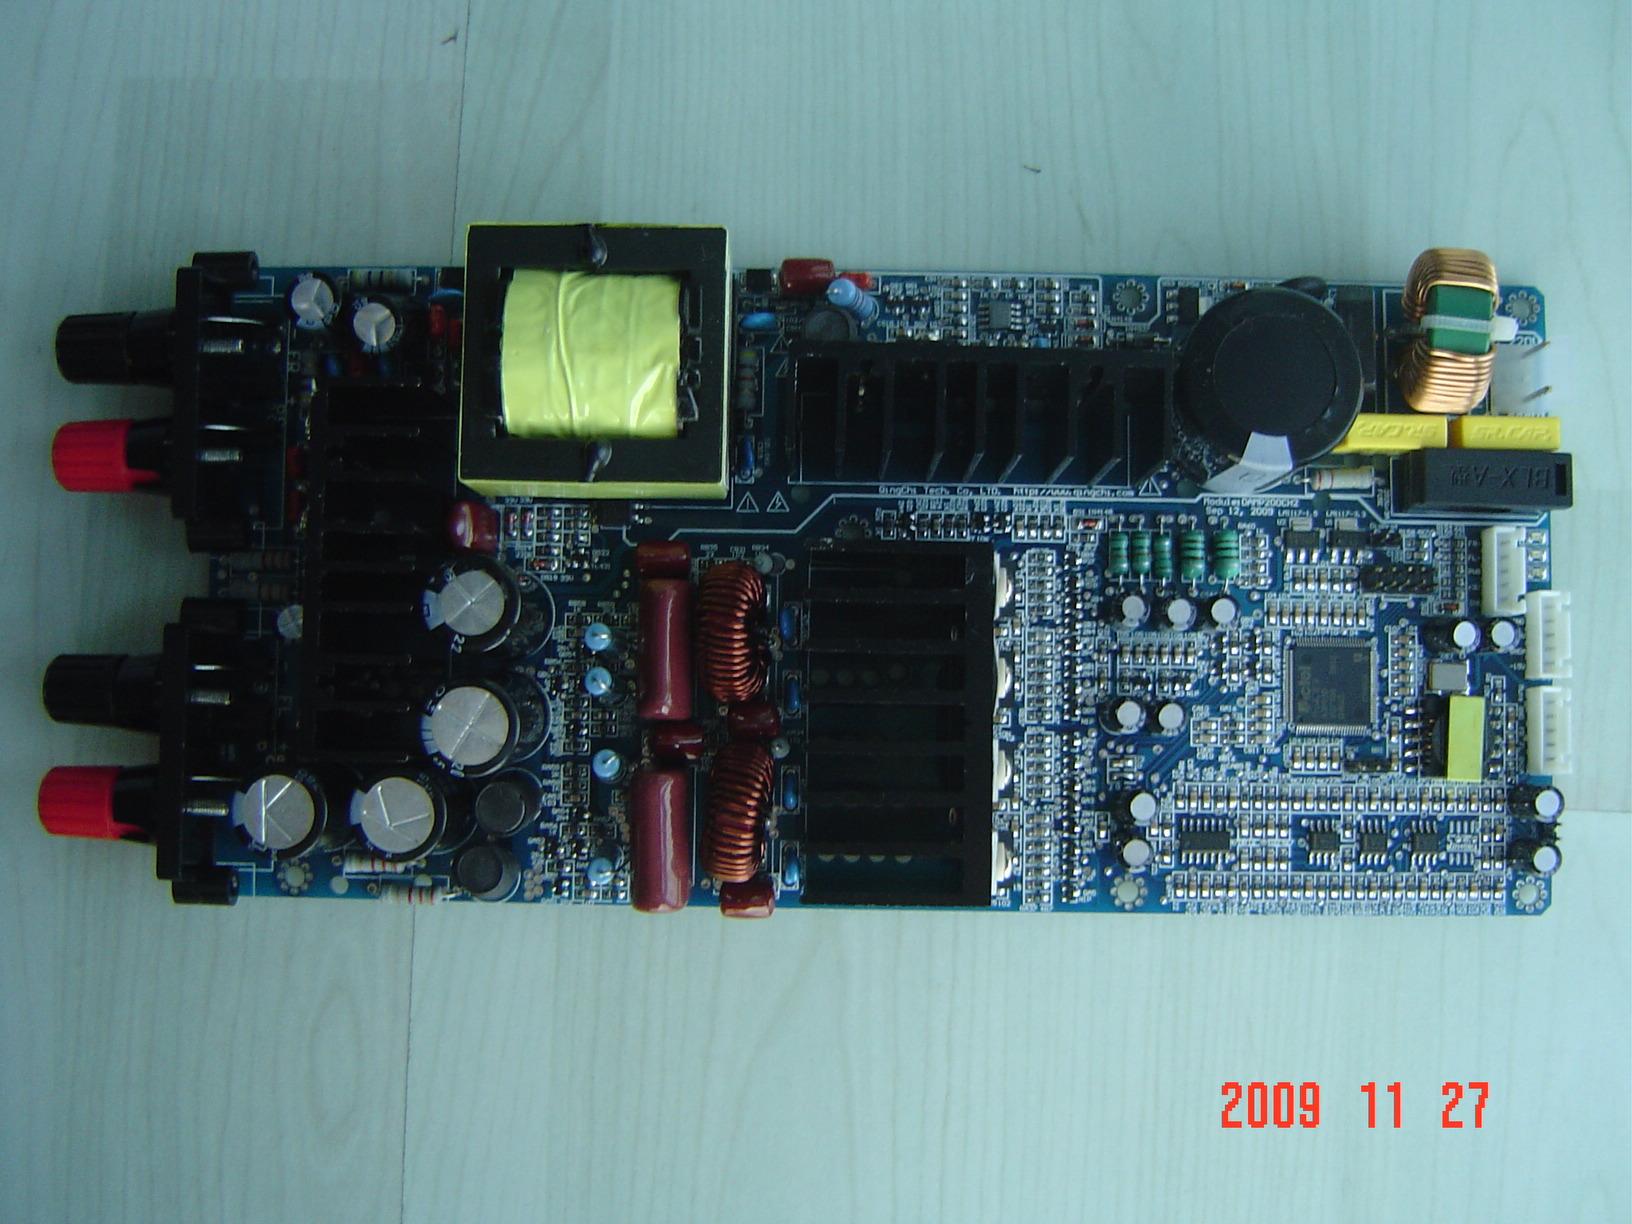 供应100w x   数字功放板; 电动玩具 电子琴线路板焊接设备; 供应10